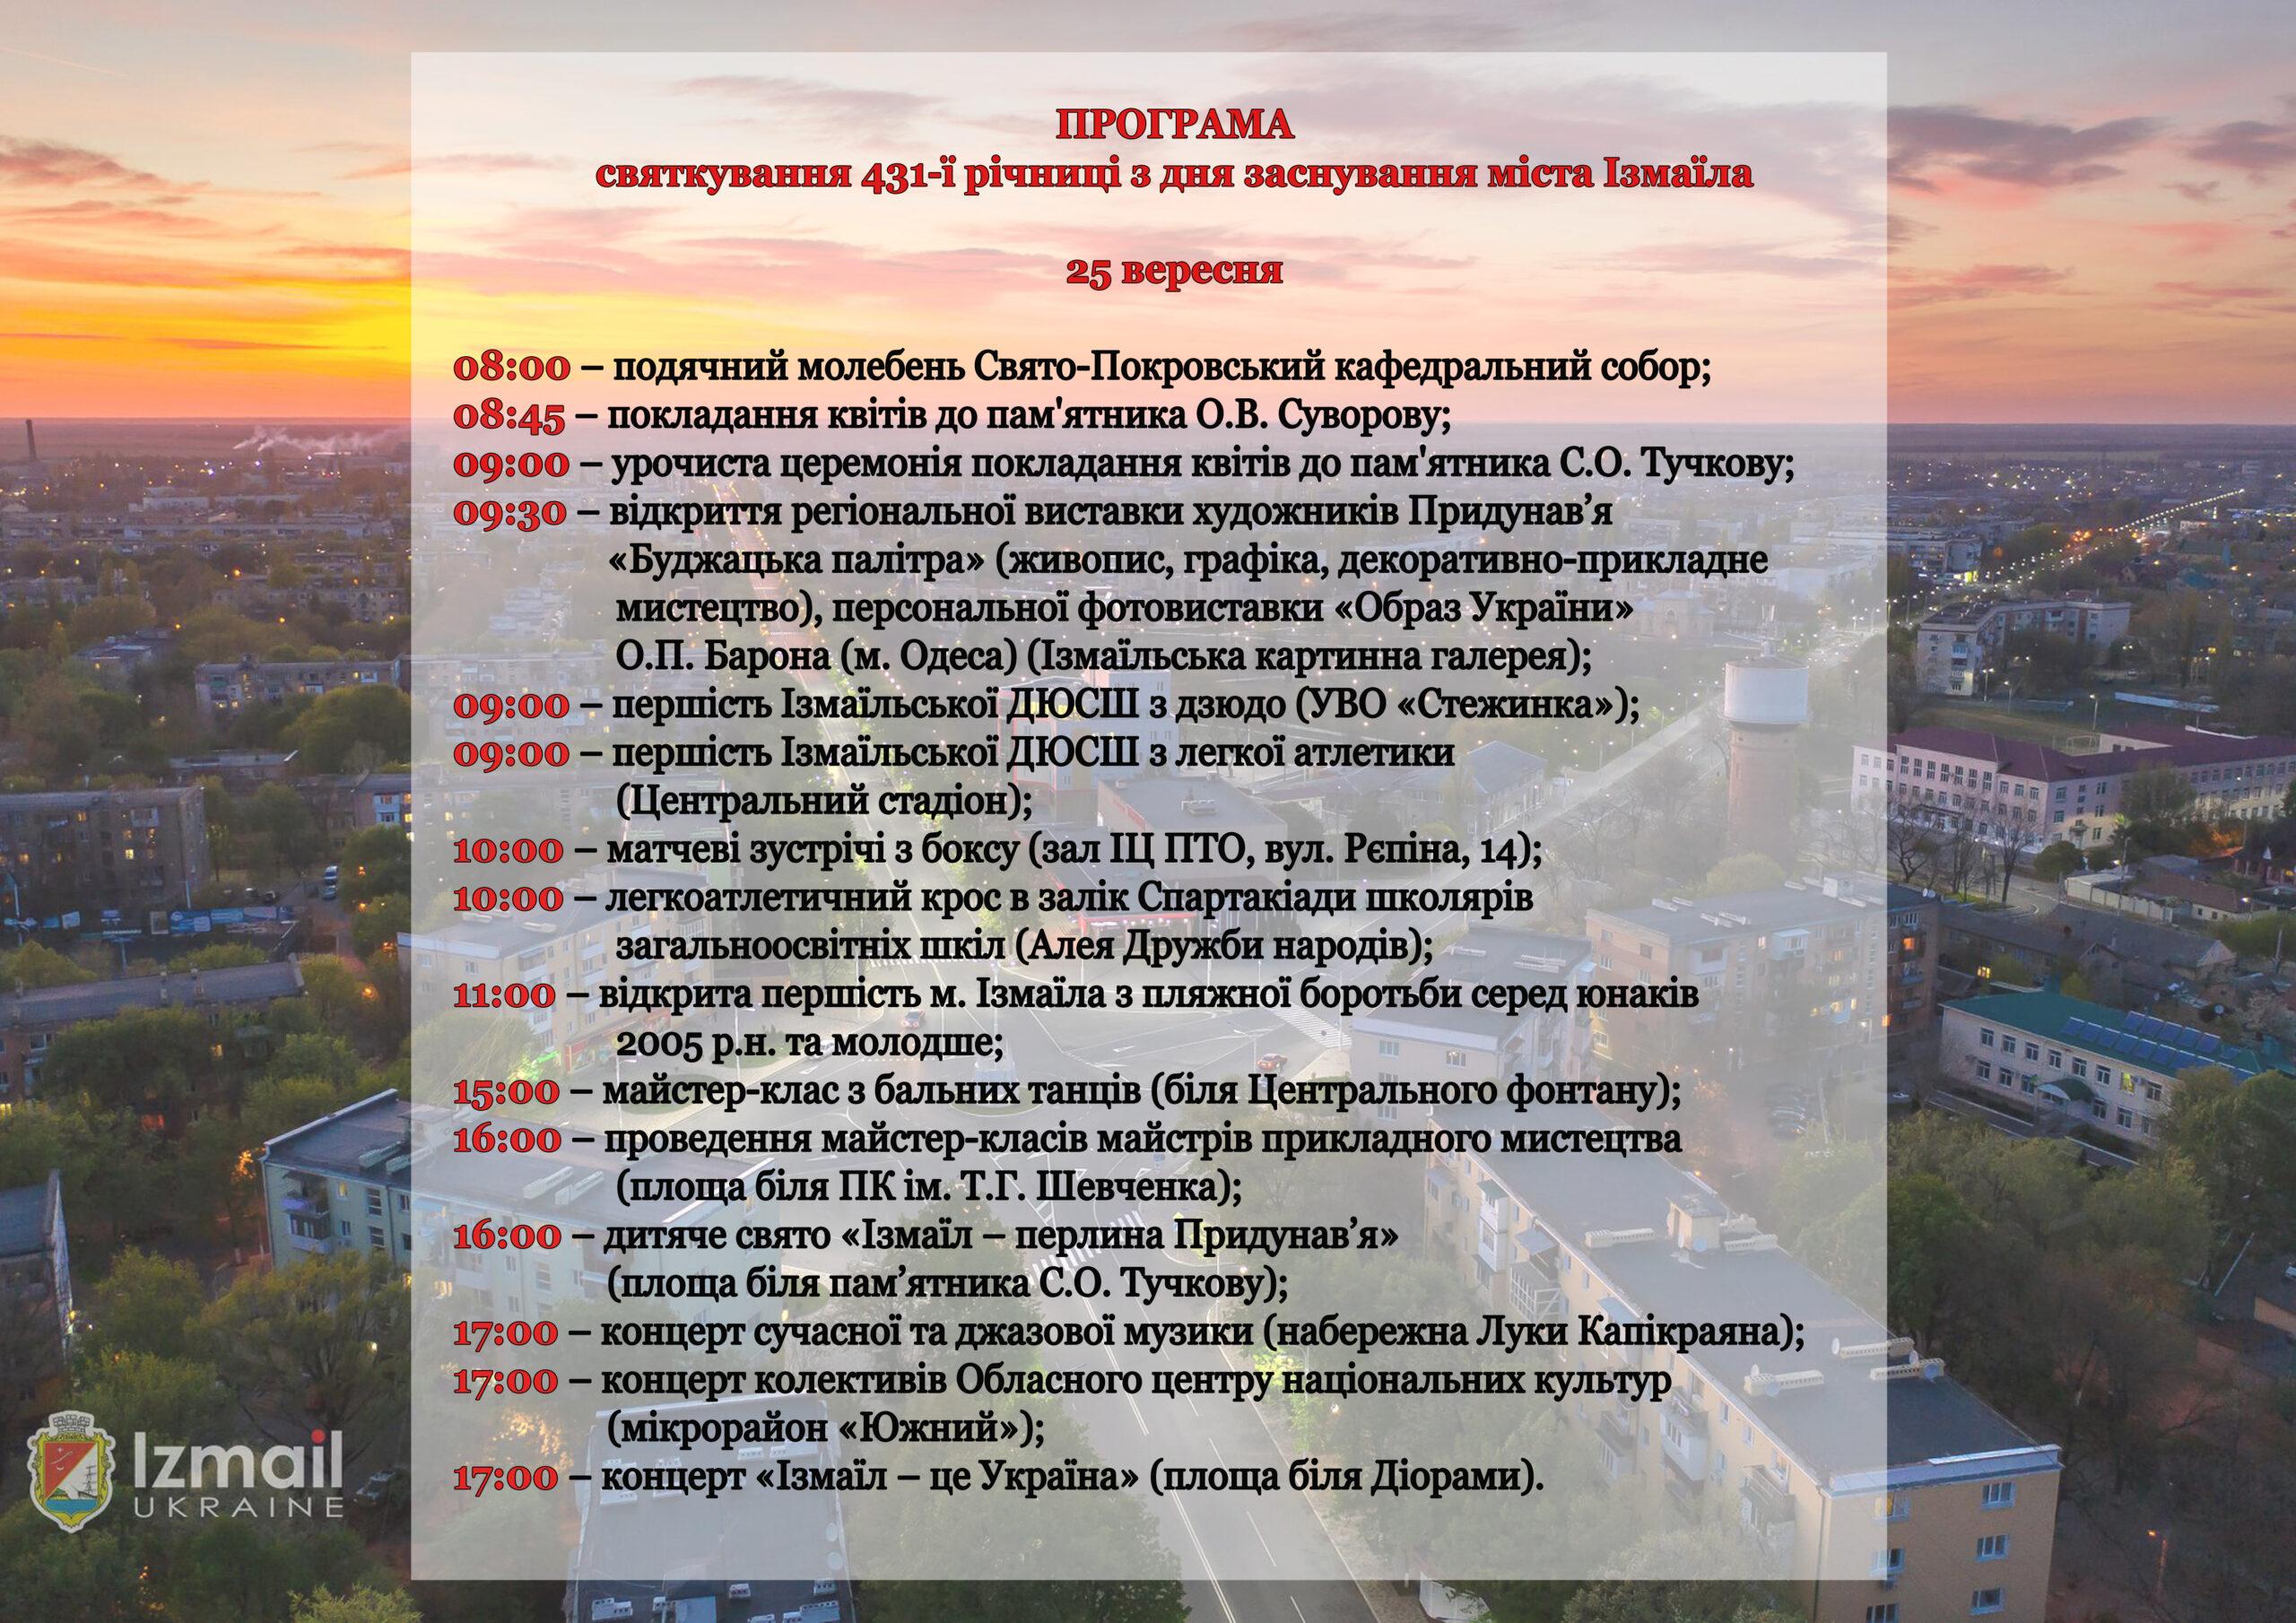 Мэр Андрей Абрамченко рассказал о том, как в Измаиле планируют проводить День города